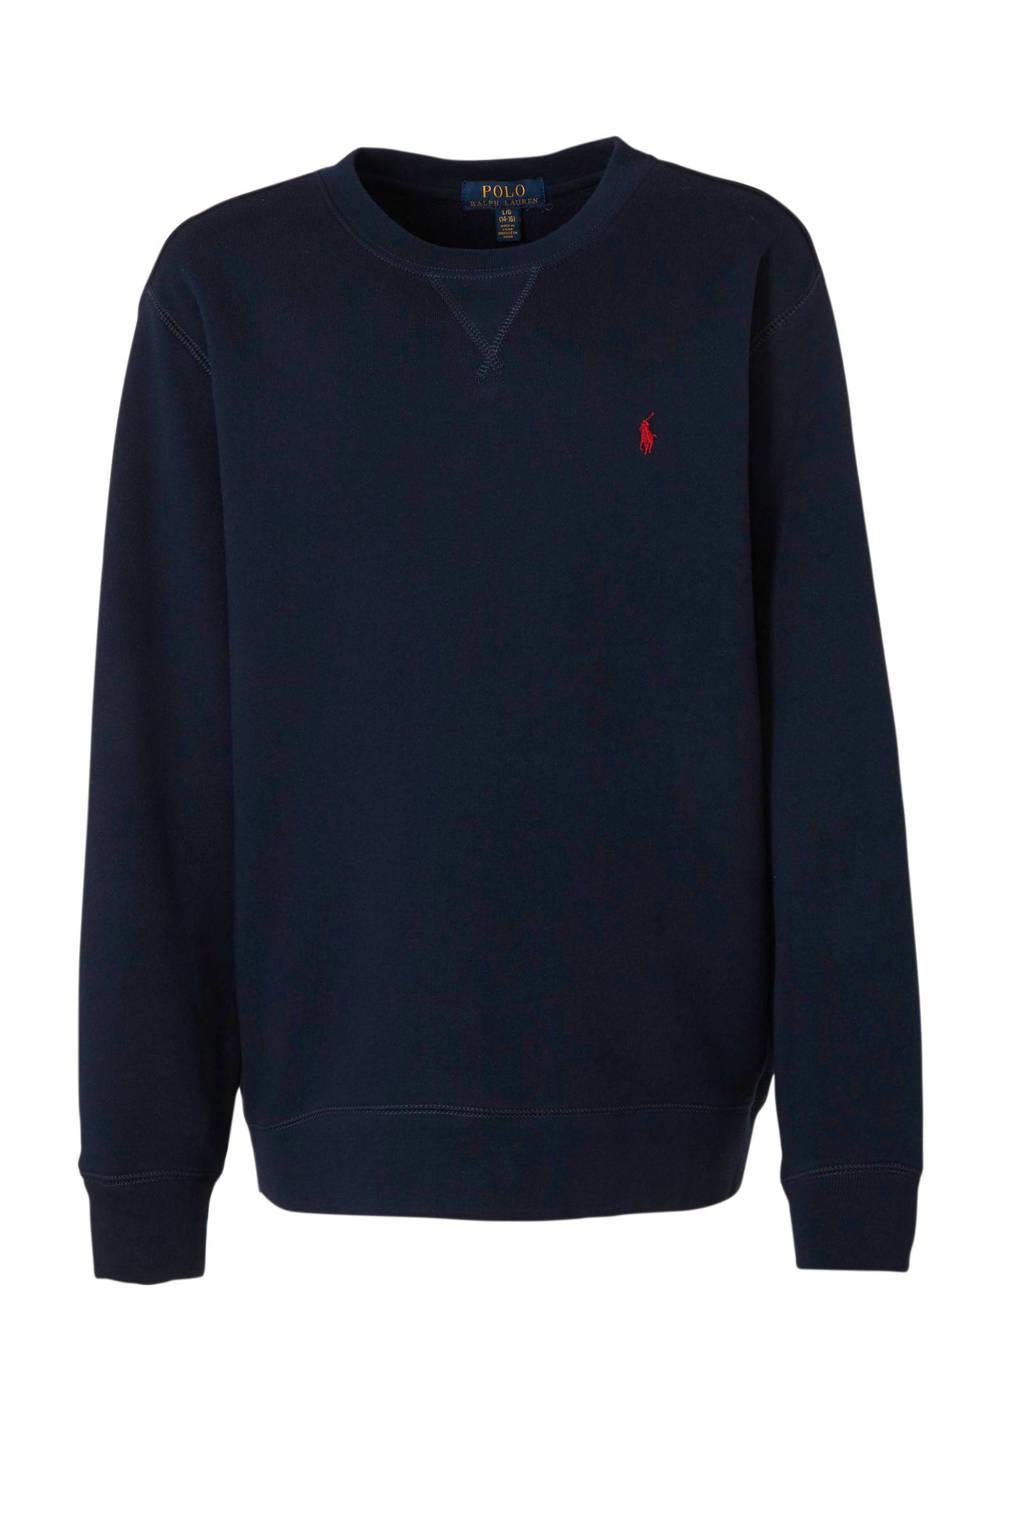 POLO Ralph Lauren sweater donkerblauw, Donkerblauw